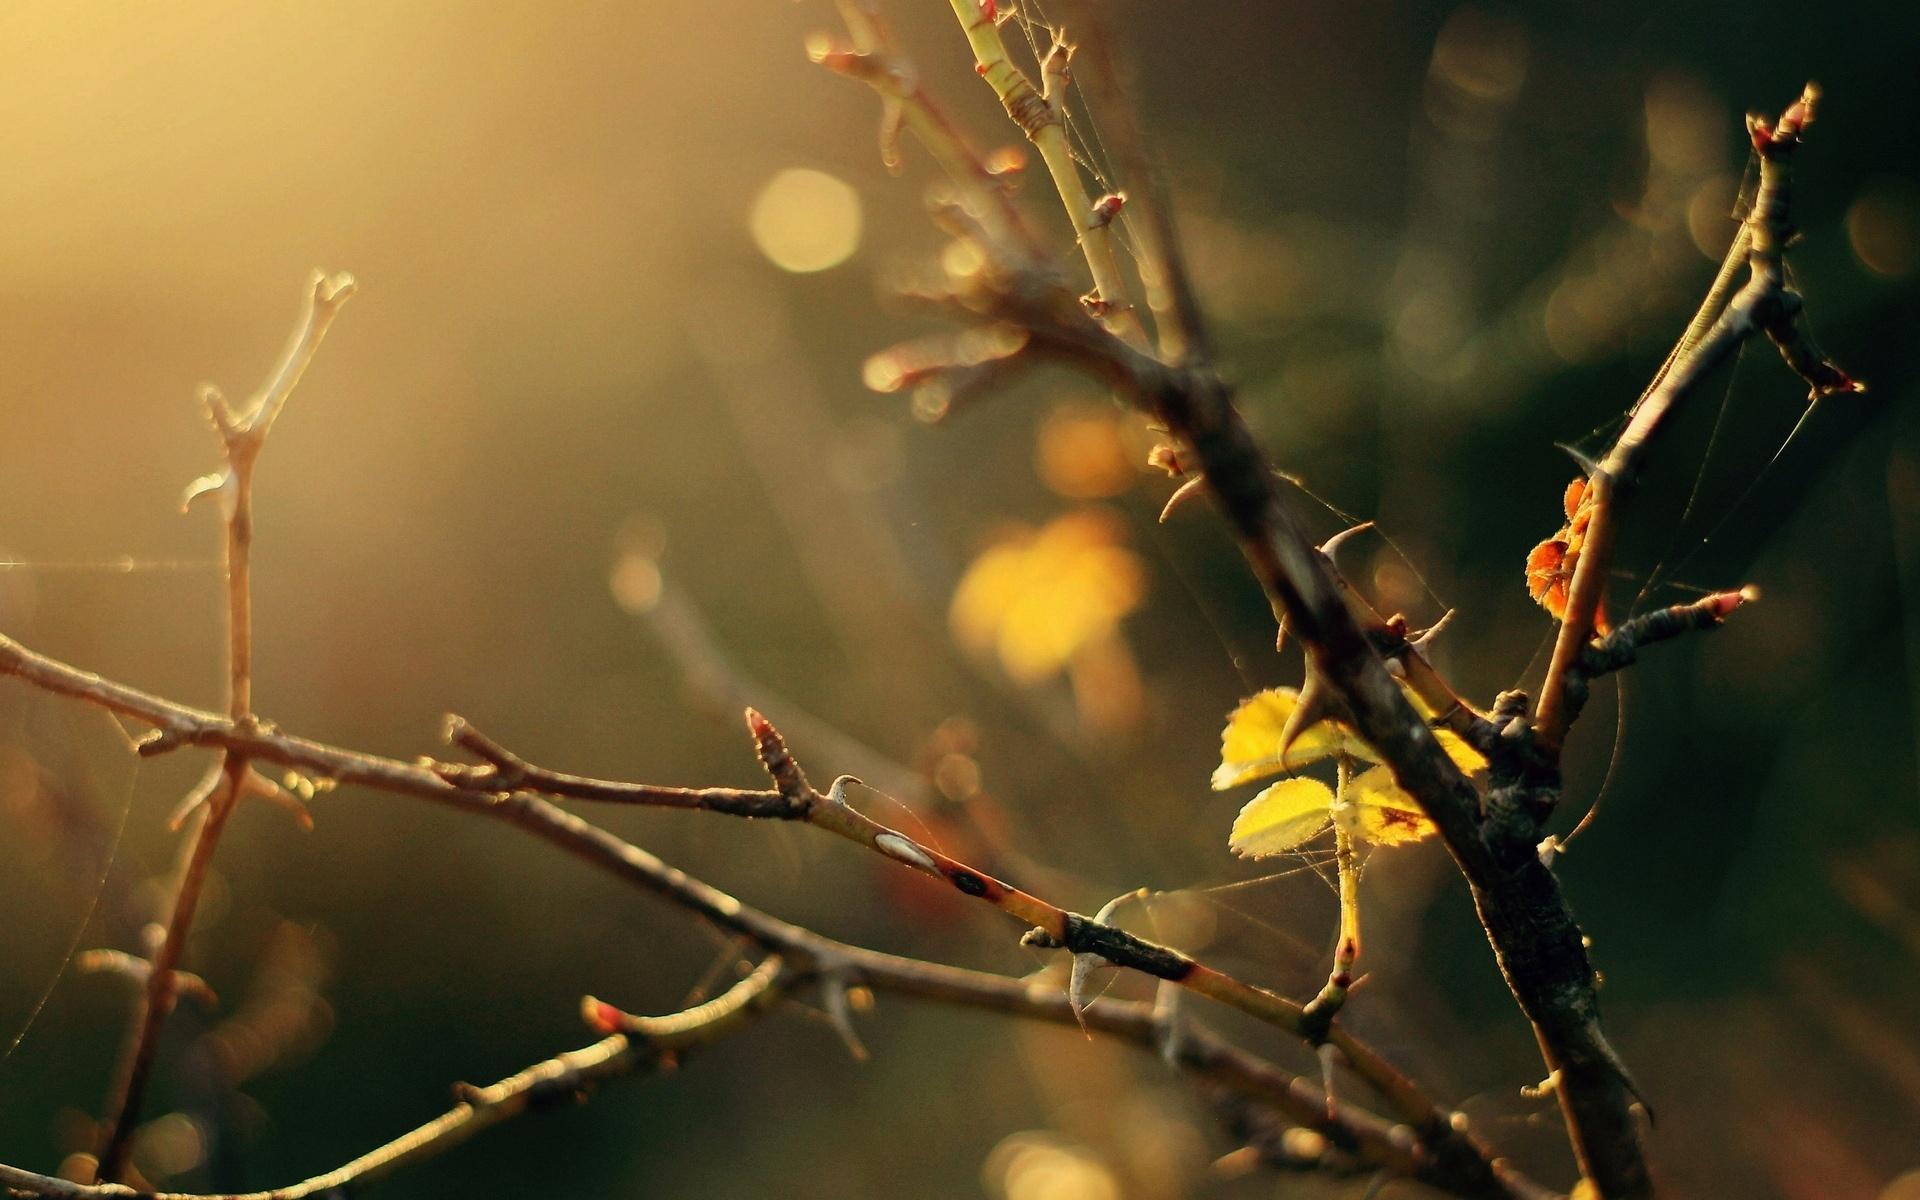 листья, дерево, деревья, листик, Макро, ветки, желтый